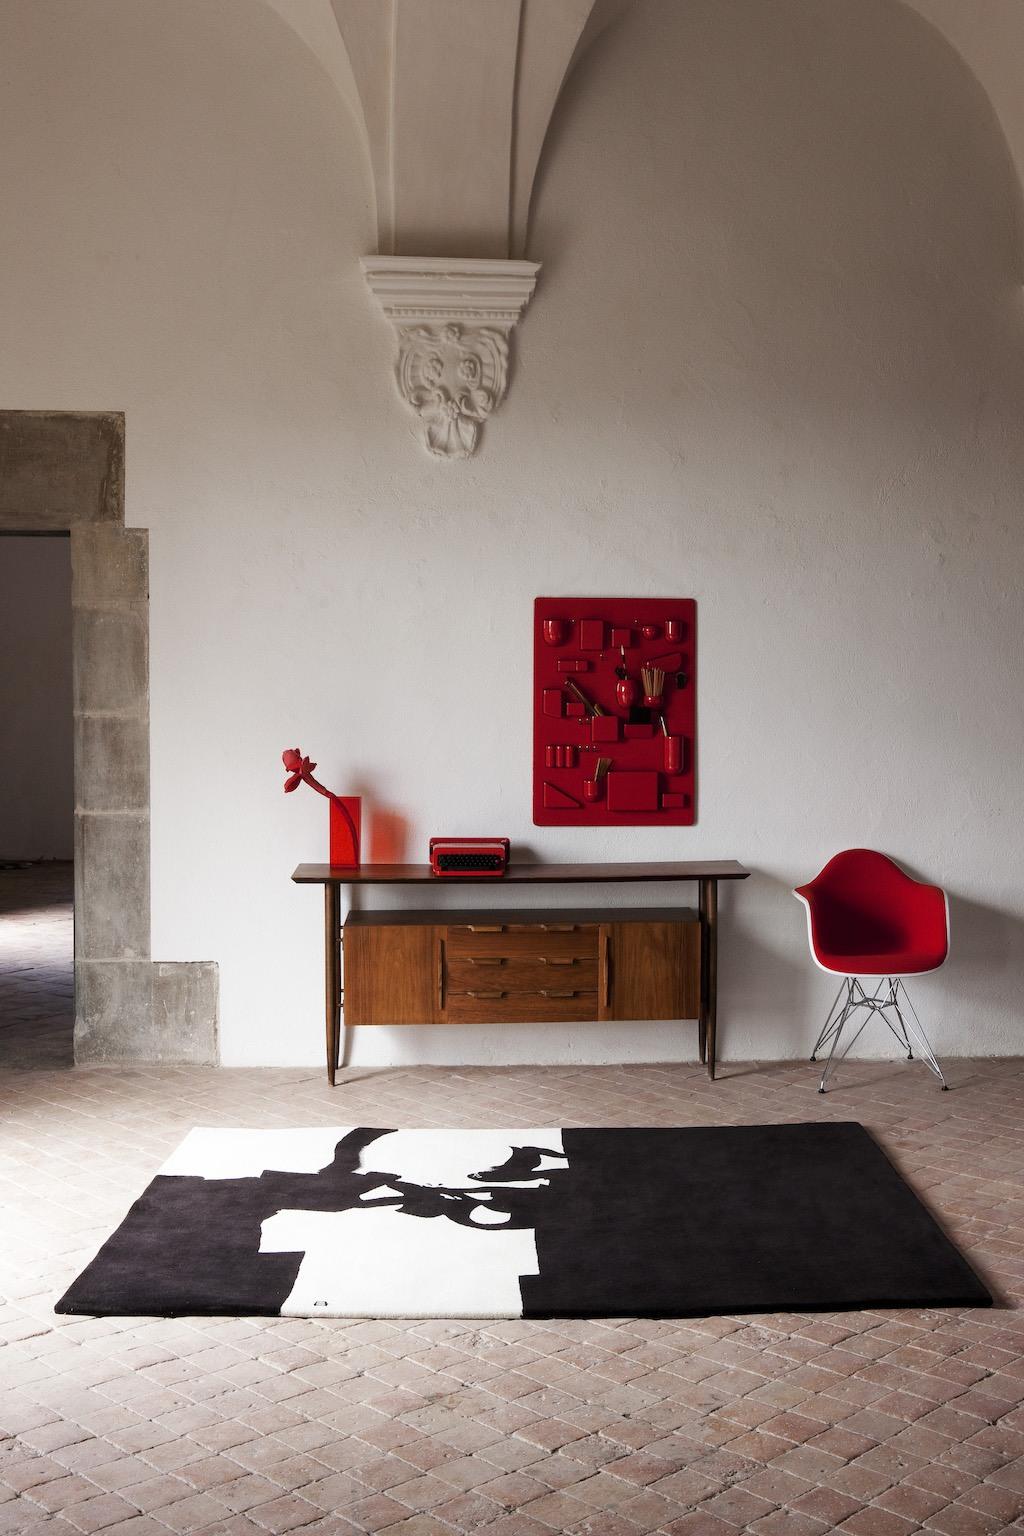 Nanimarquina Chillida Teppich vor Teak Sideboard, Uten.Silo in Rot an der Wand und roter Eames Plastic Chair DAW Vollpolster